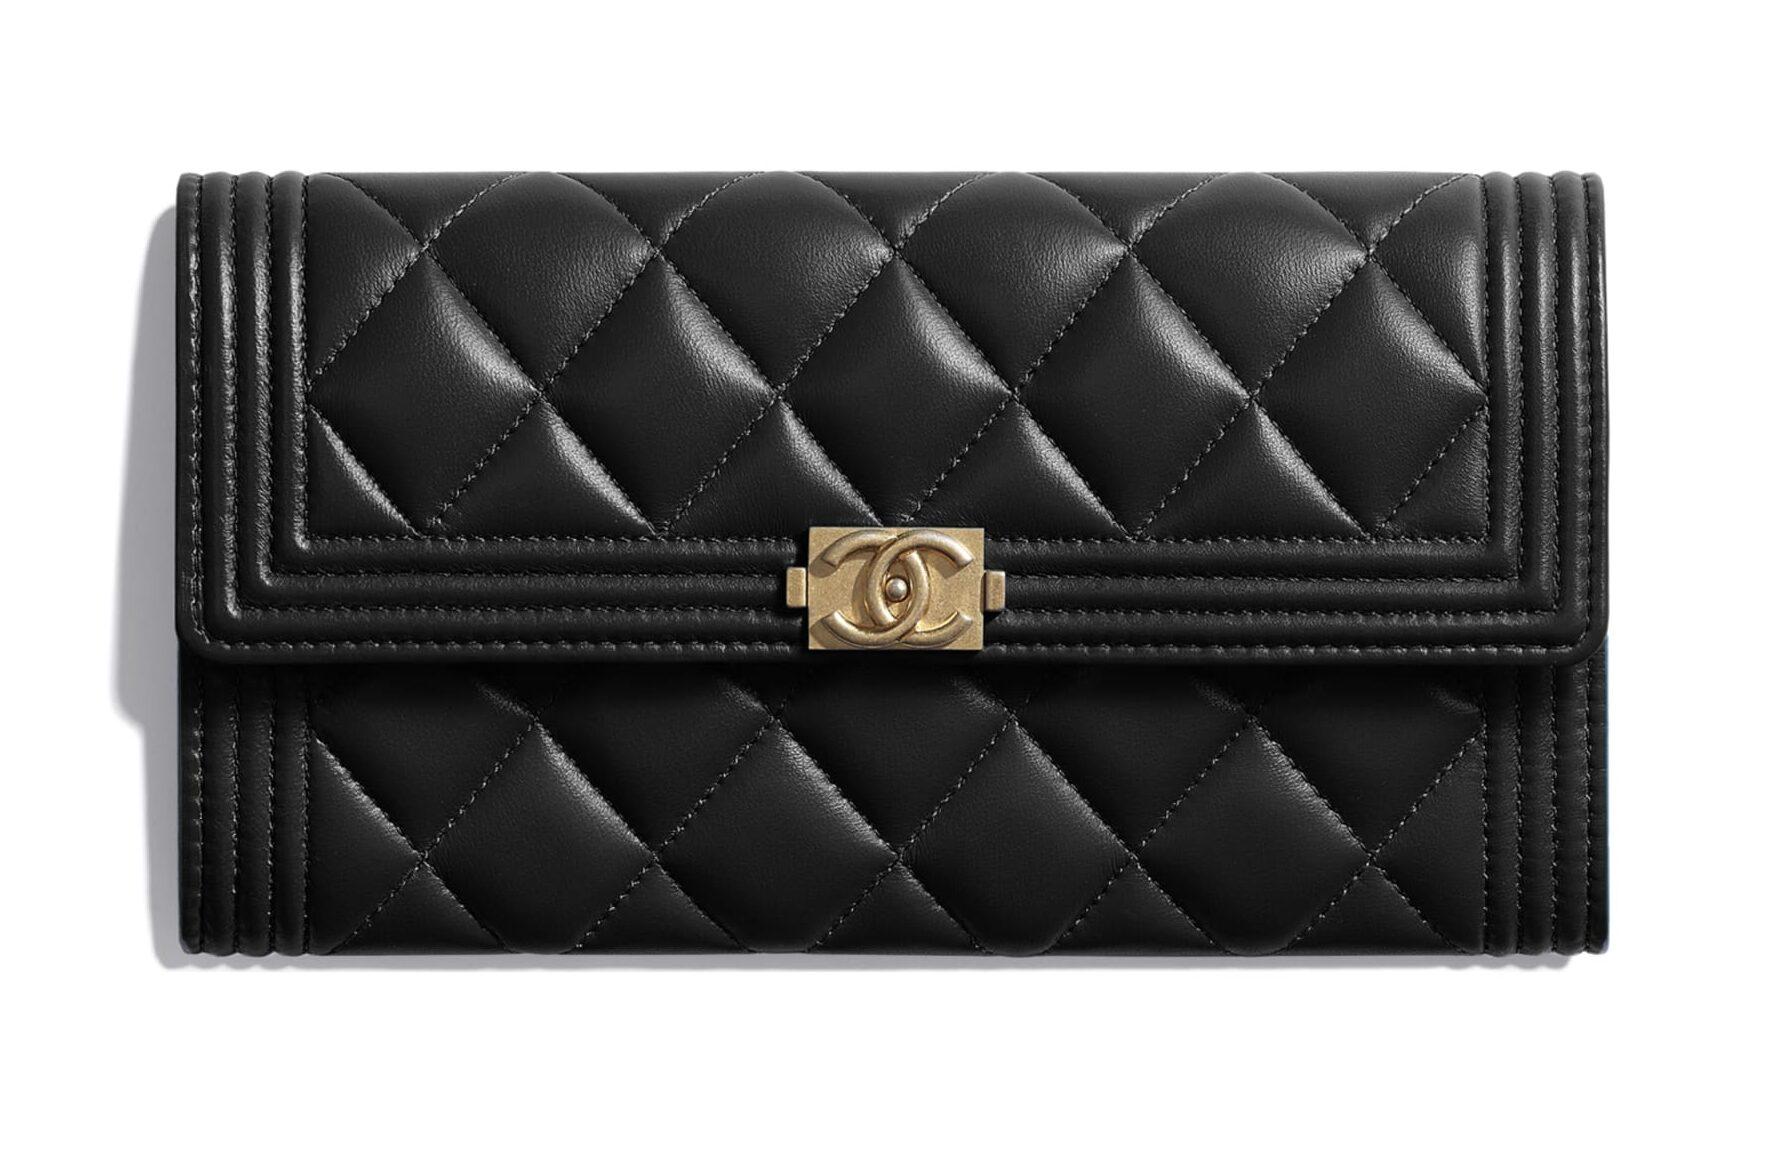 Min jul, julegaveønsker, Chanel, smykker, mode, ønsker,